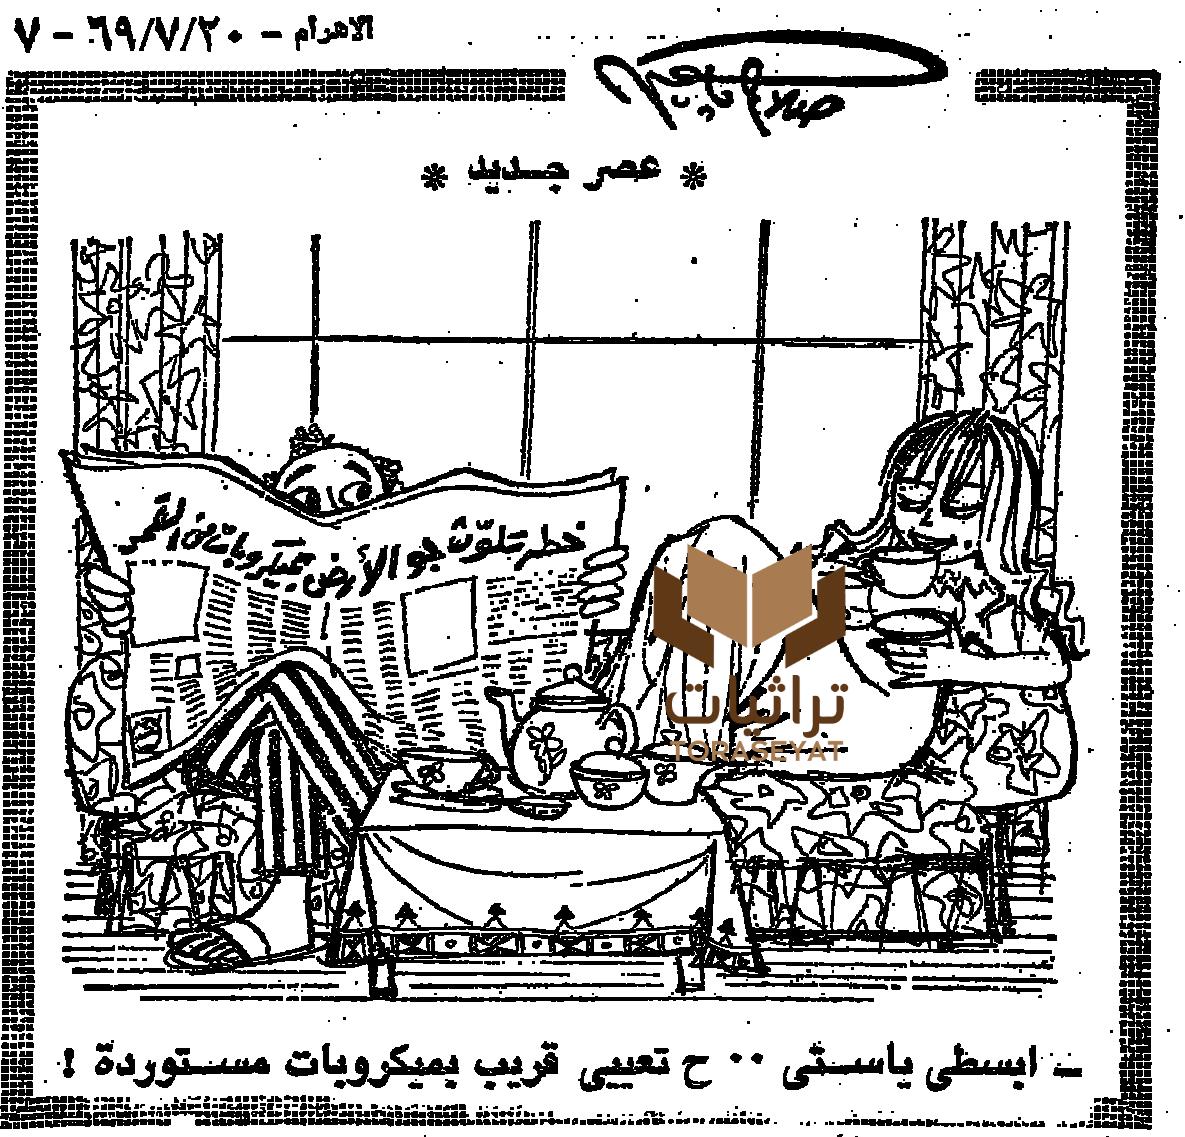 كاريكاتير صلاح جاهين عن ميكروبات القمر